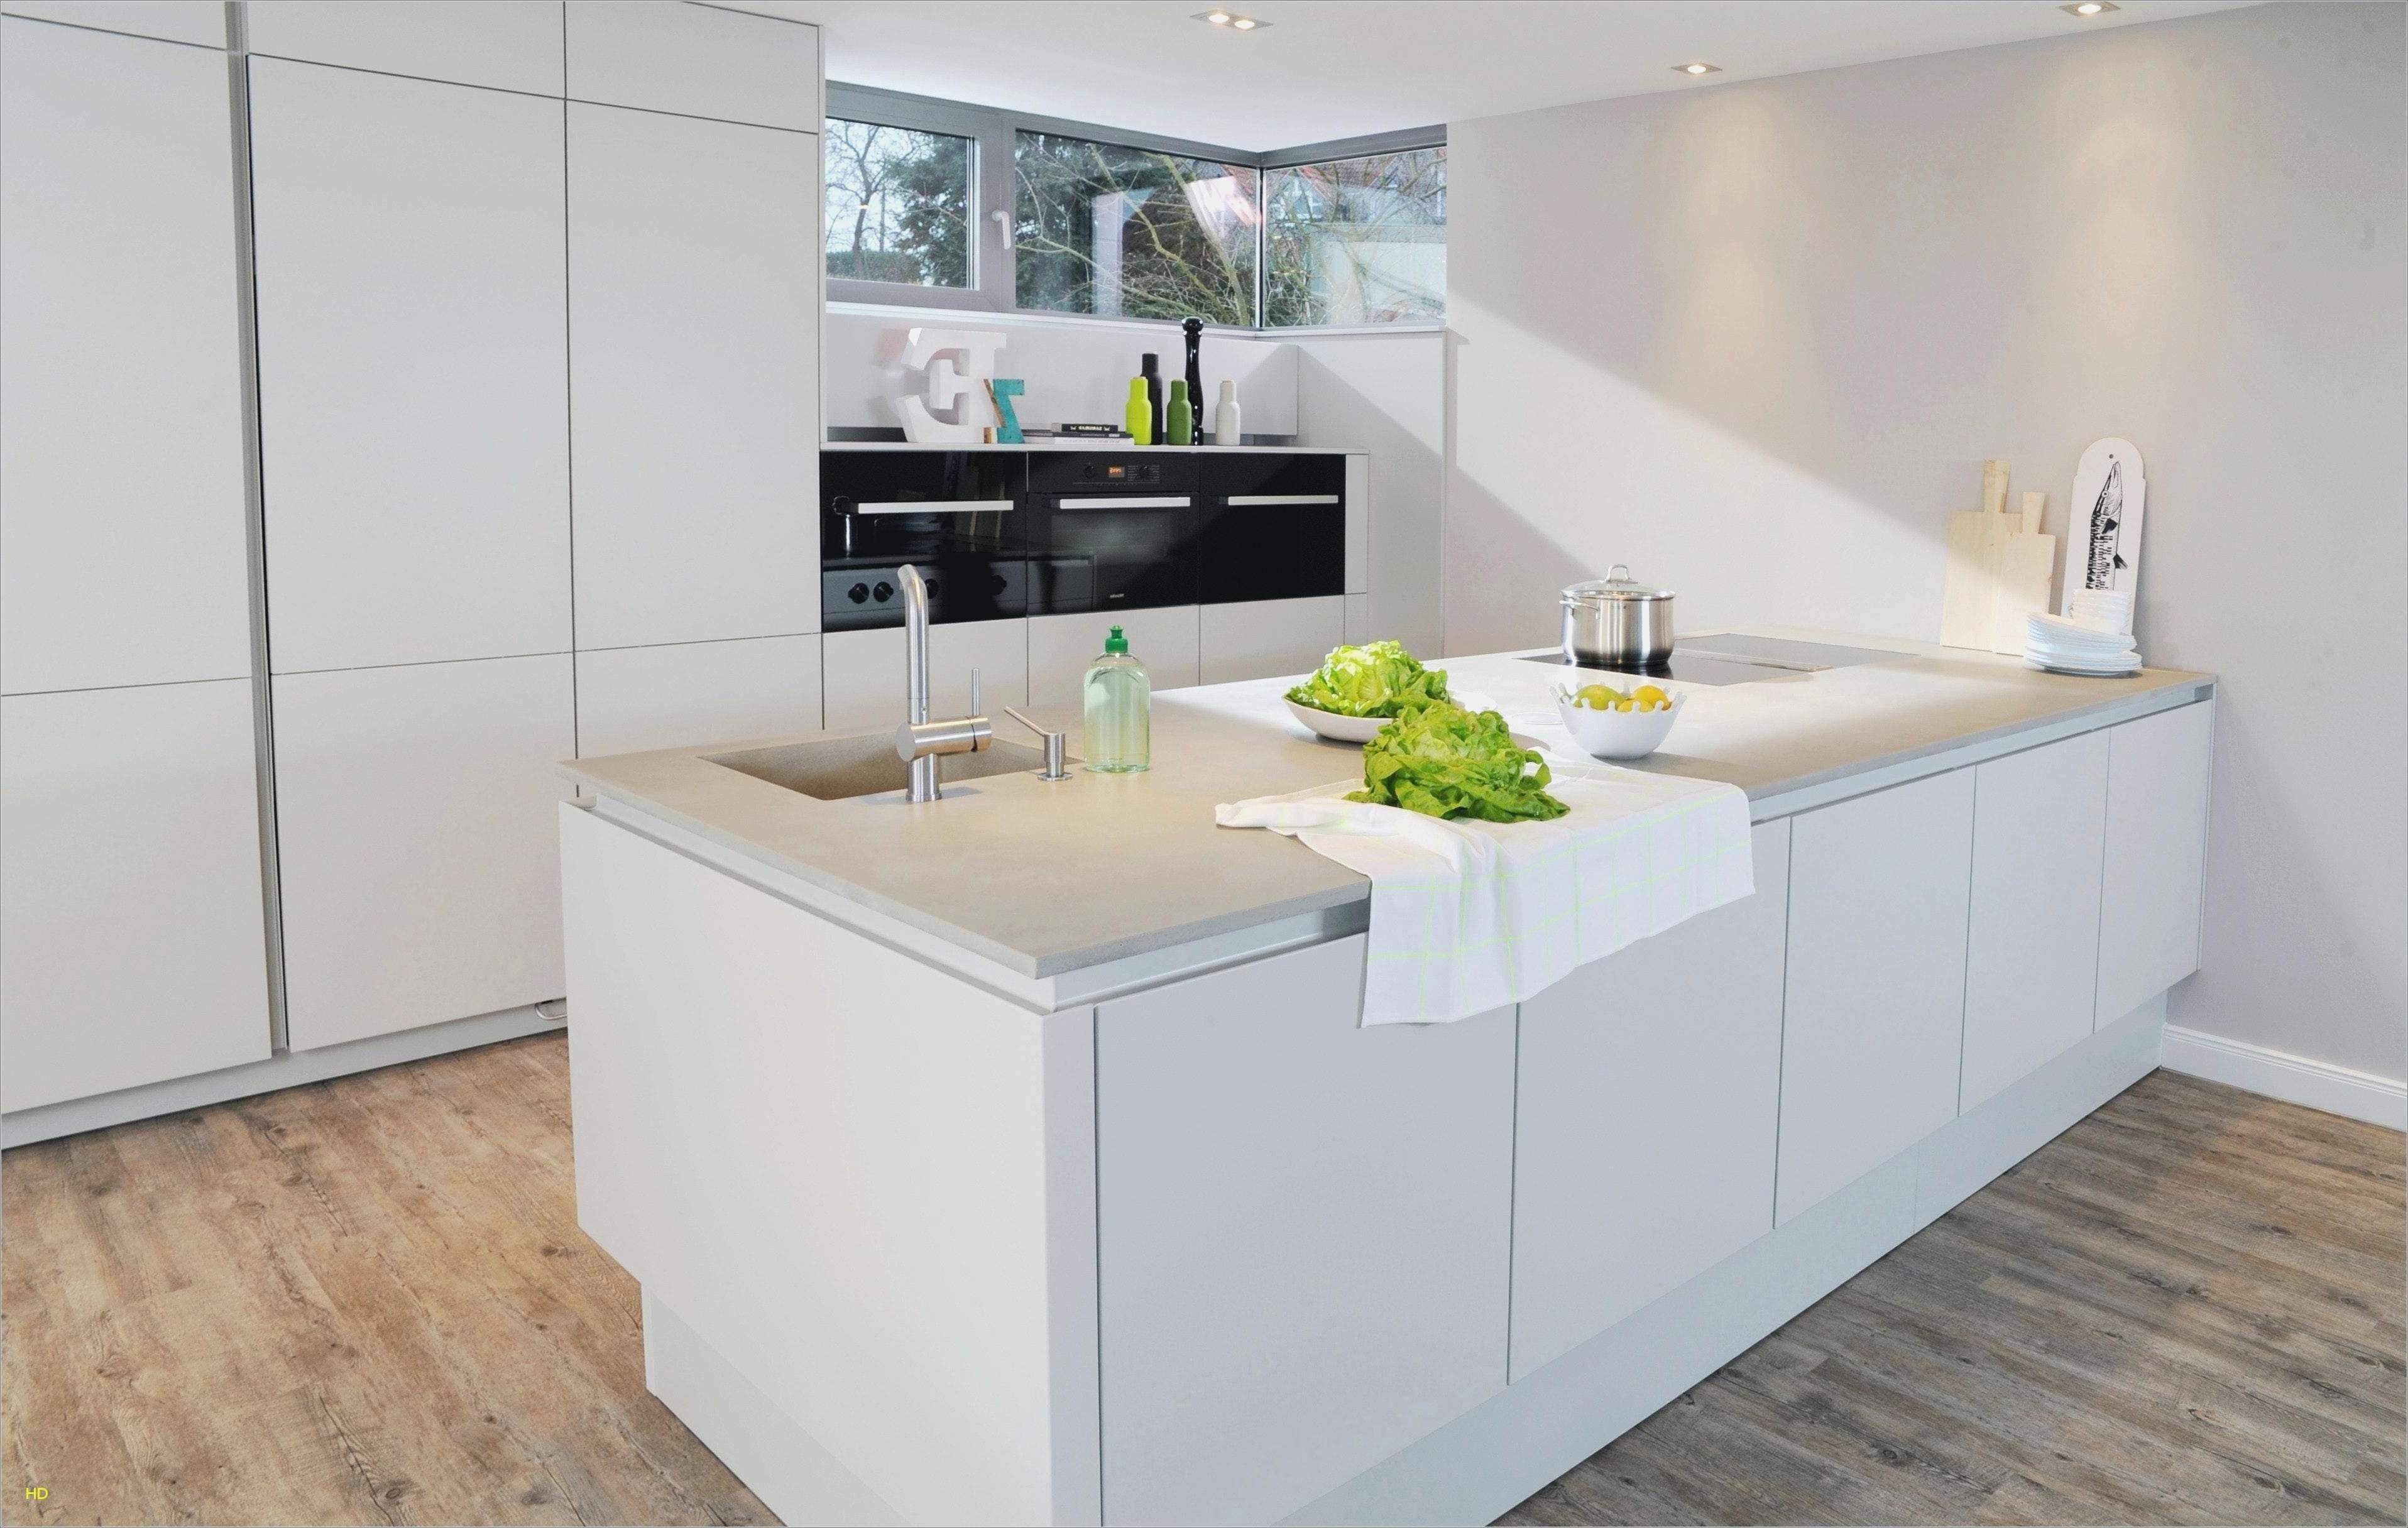 25 Frisch Küche Freistehend Kitchen remodel